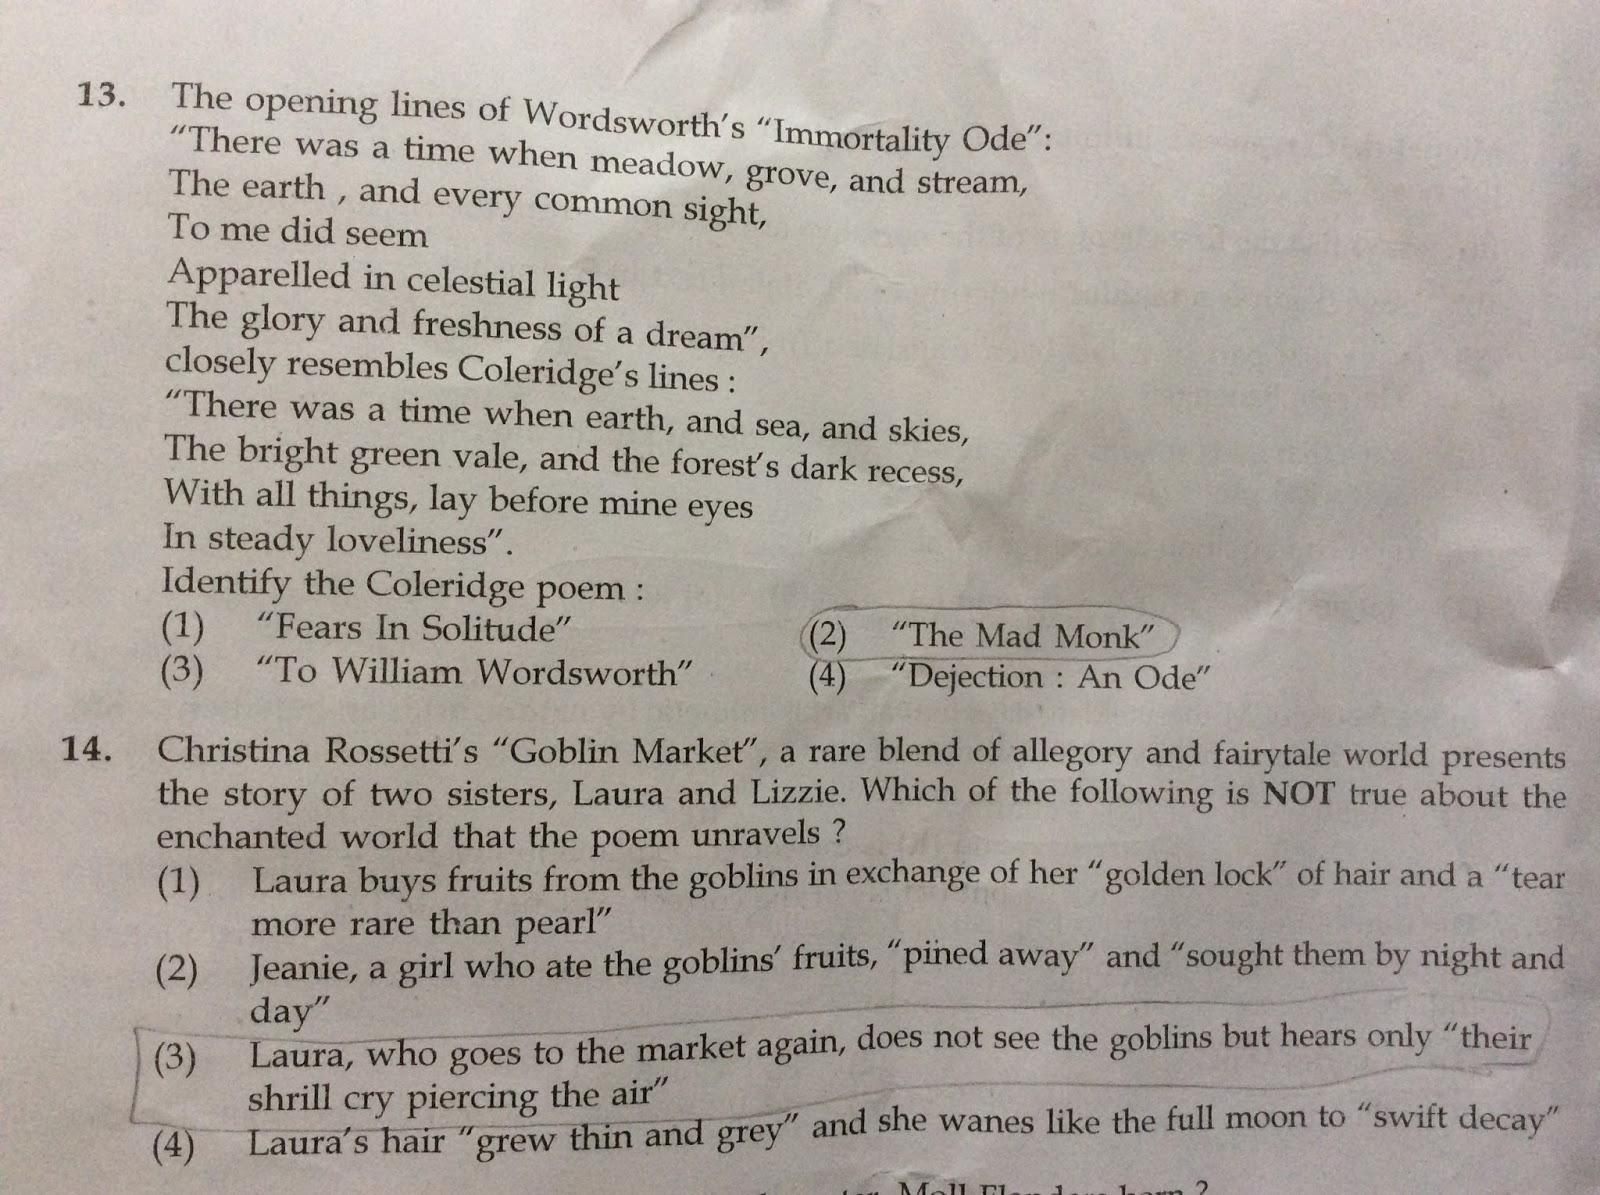 Mary washington application essay